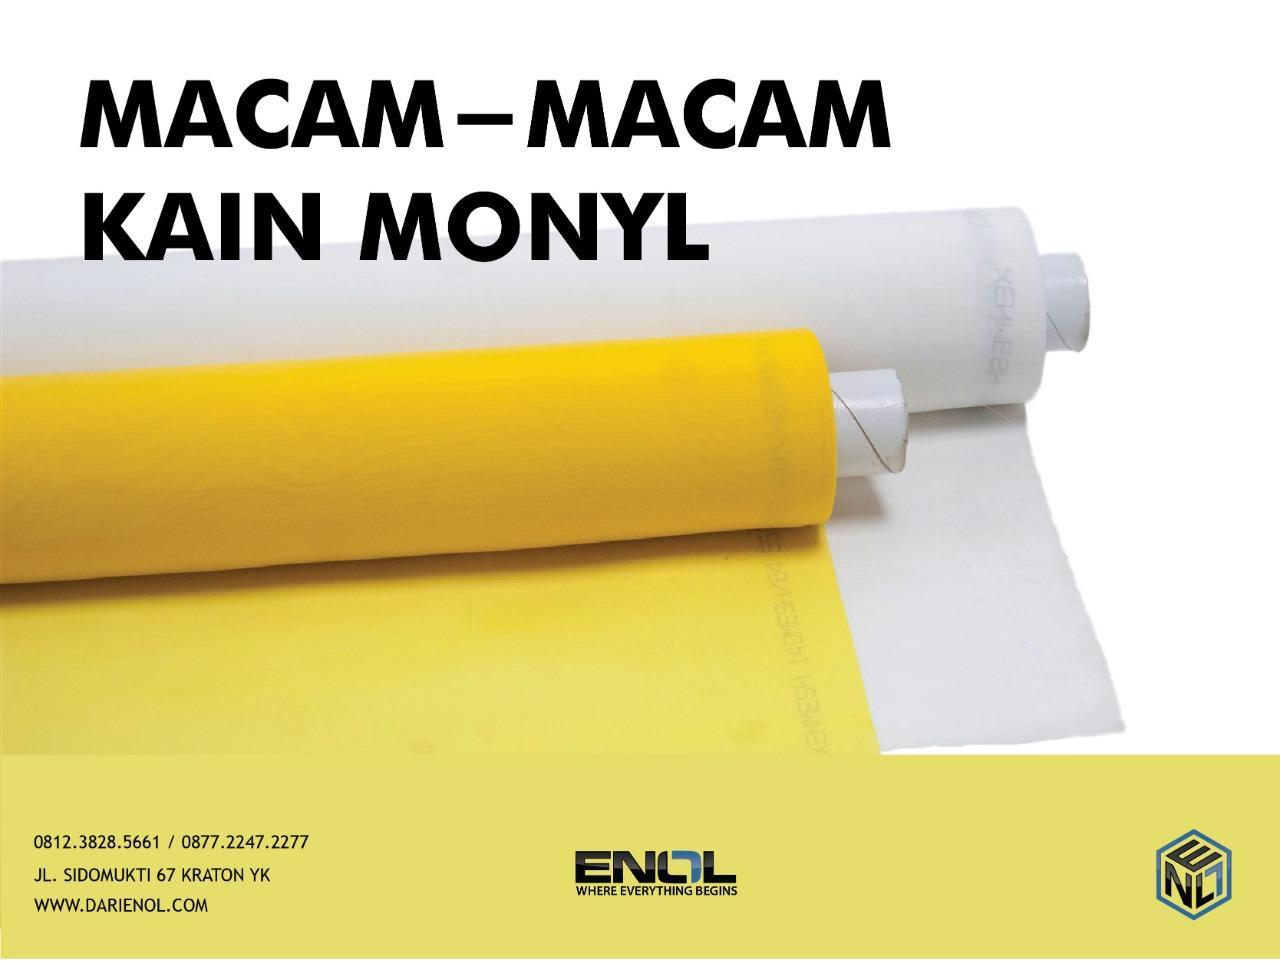 MACAM - MACAM KAIN MONYL